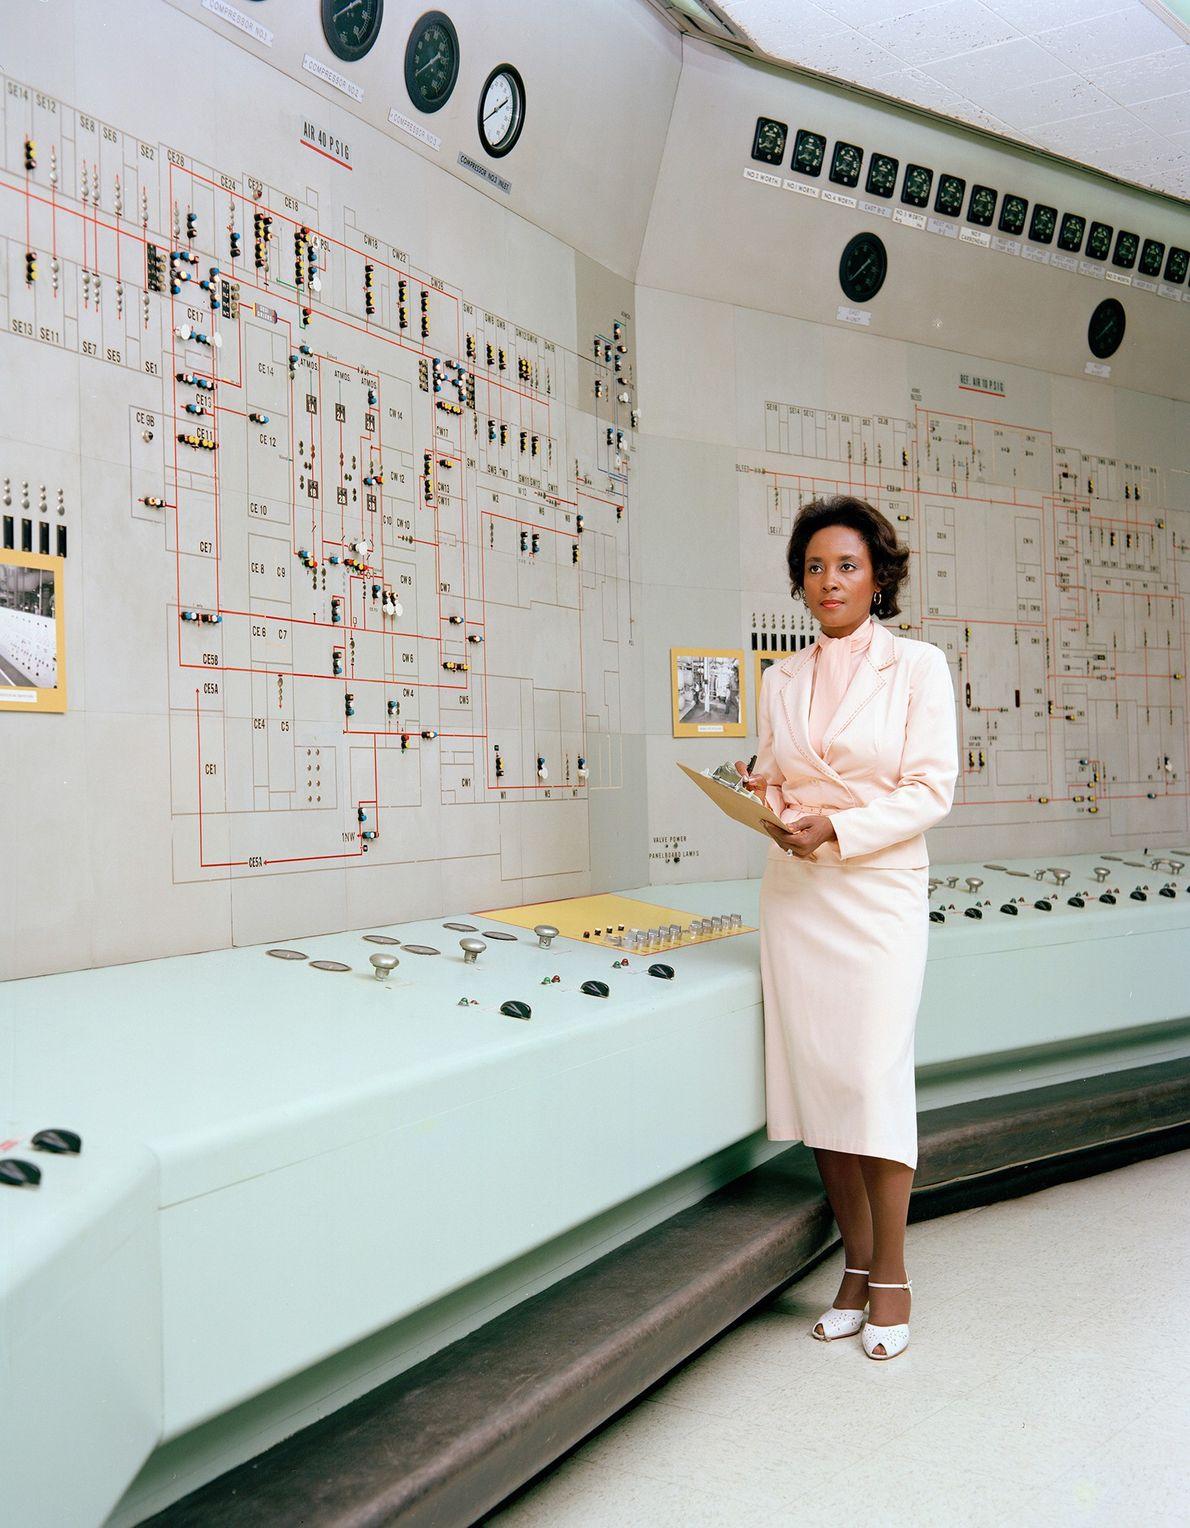 Nacida en 1933 en Birmingham, Alabama, Annie Easley comenzó su carrera en la NASA (luego en ...